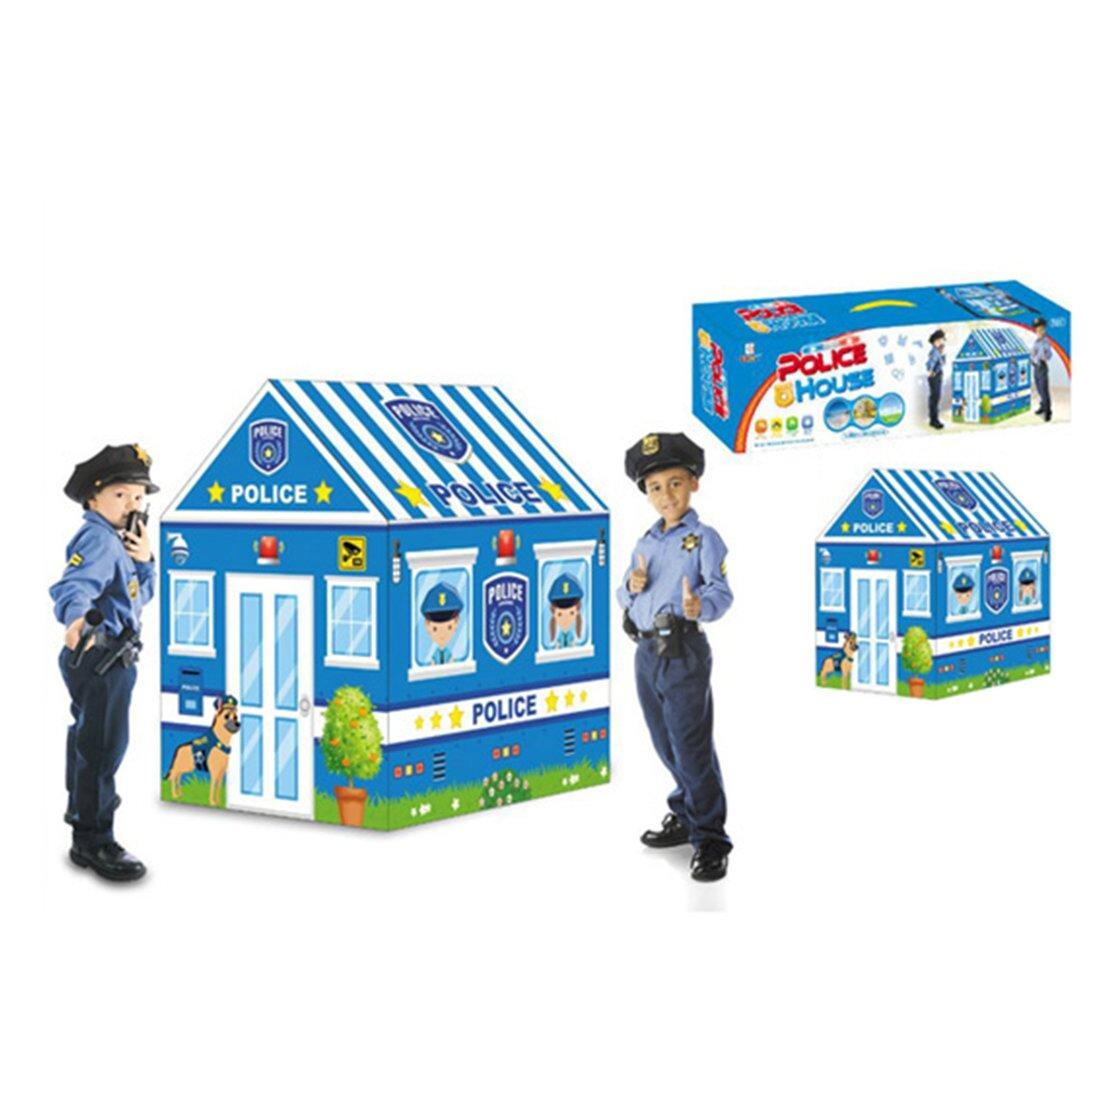 Игровая палатка Полиция 69*93*103 см, кор.